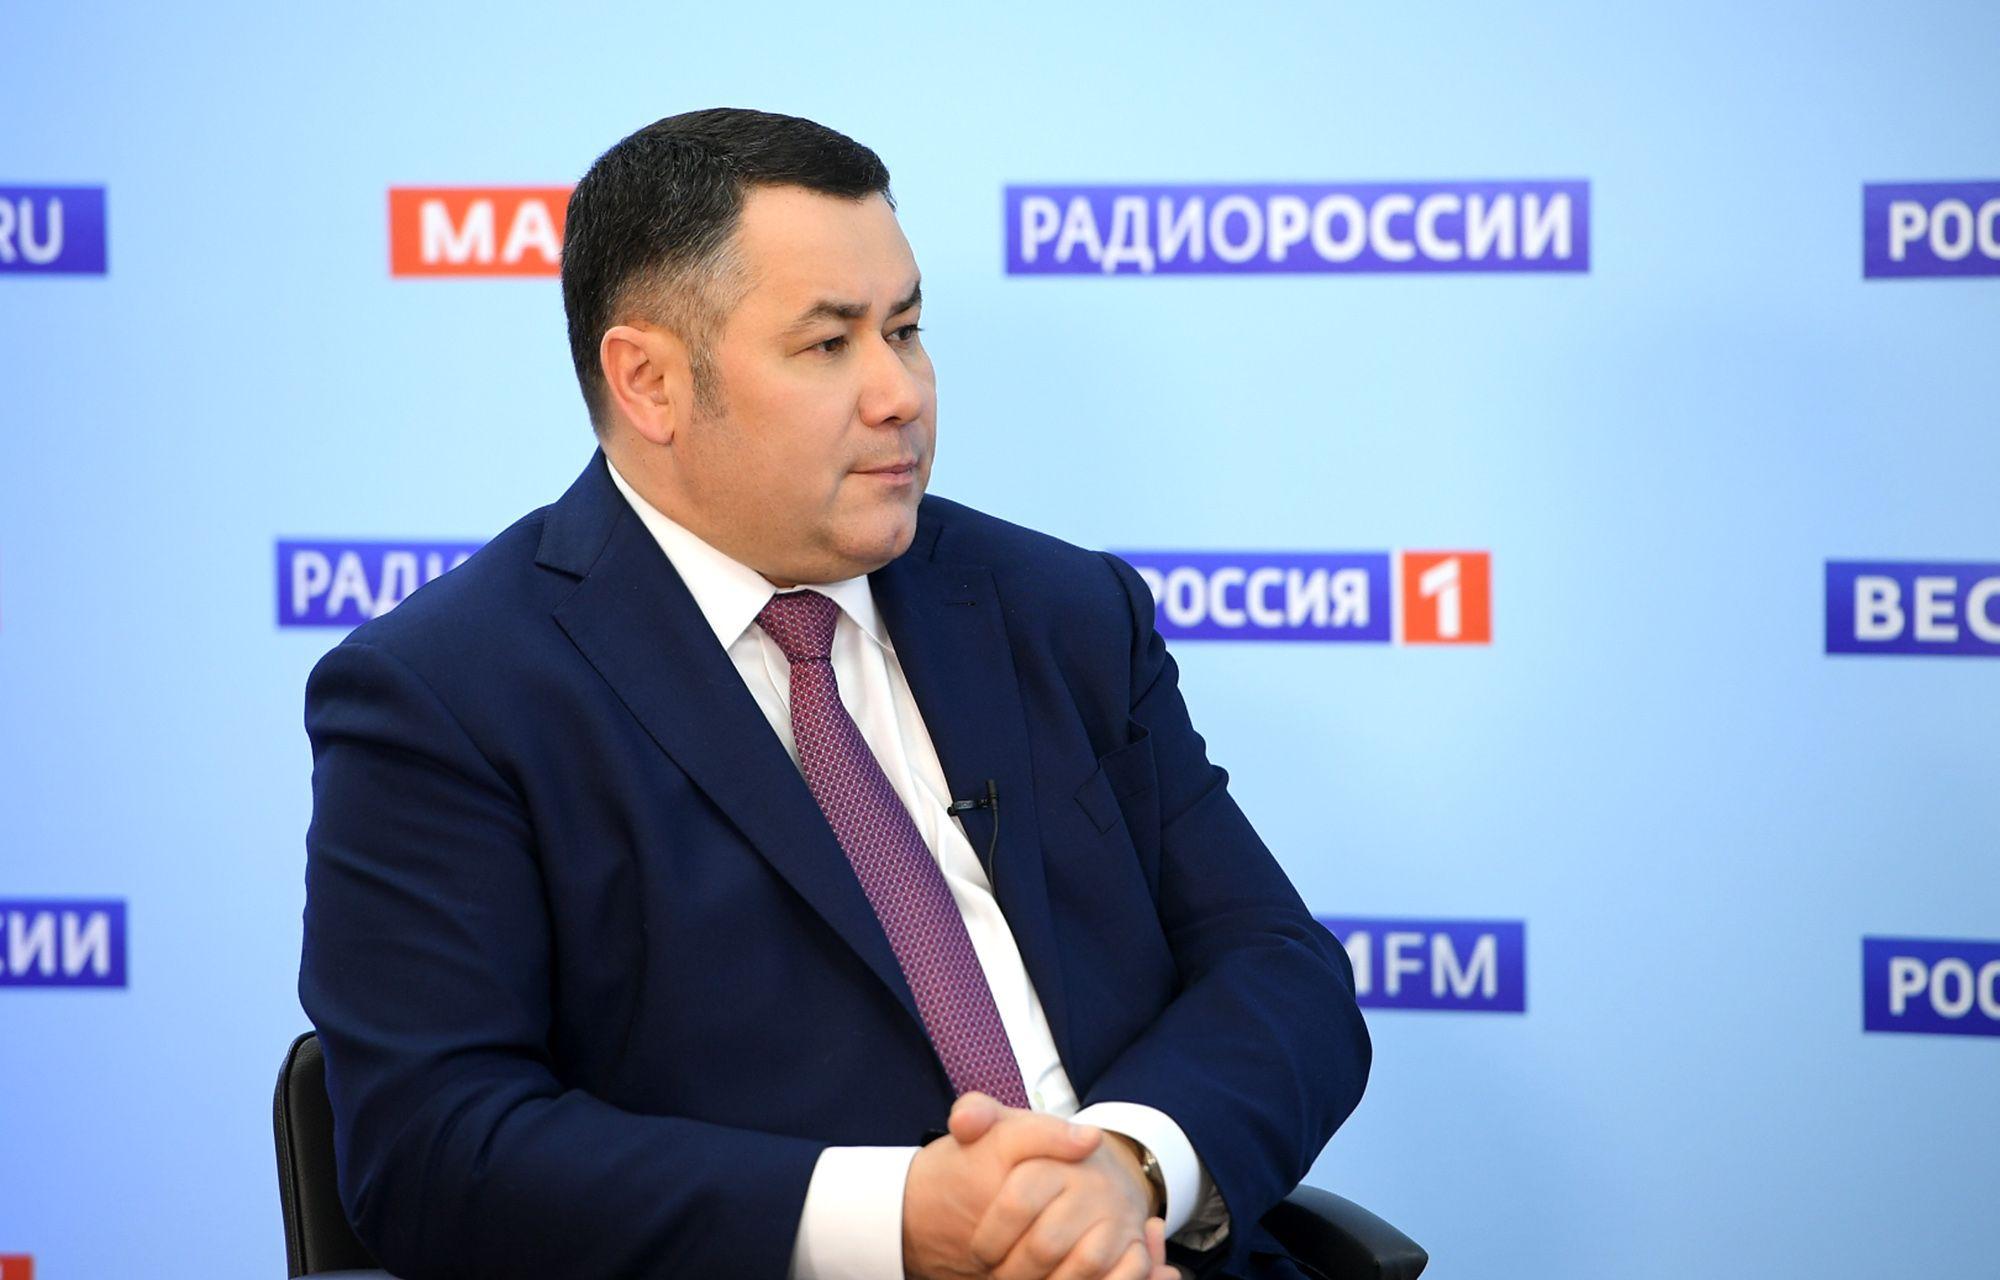 Губернатор Игорь Руденя рассказал о новых мерах поддержки граждан и бизнеса в связи с коронавирусом